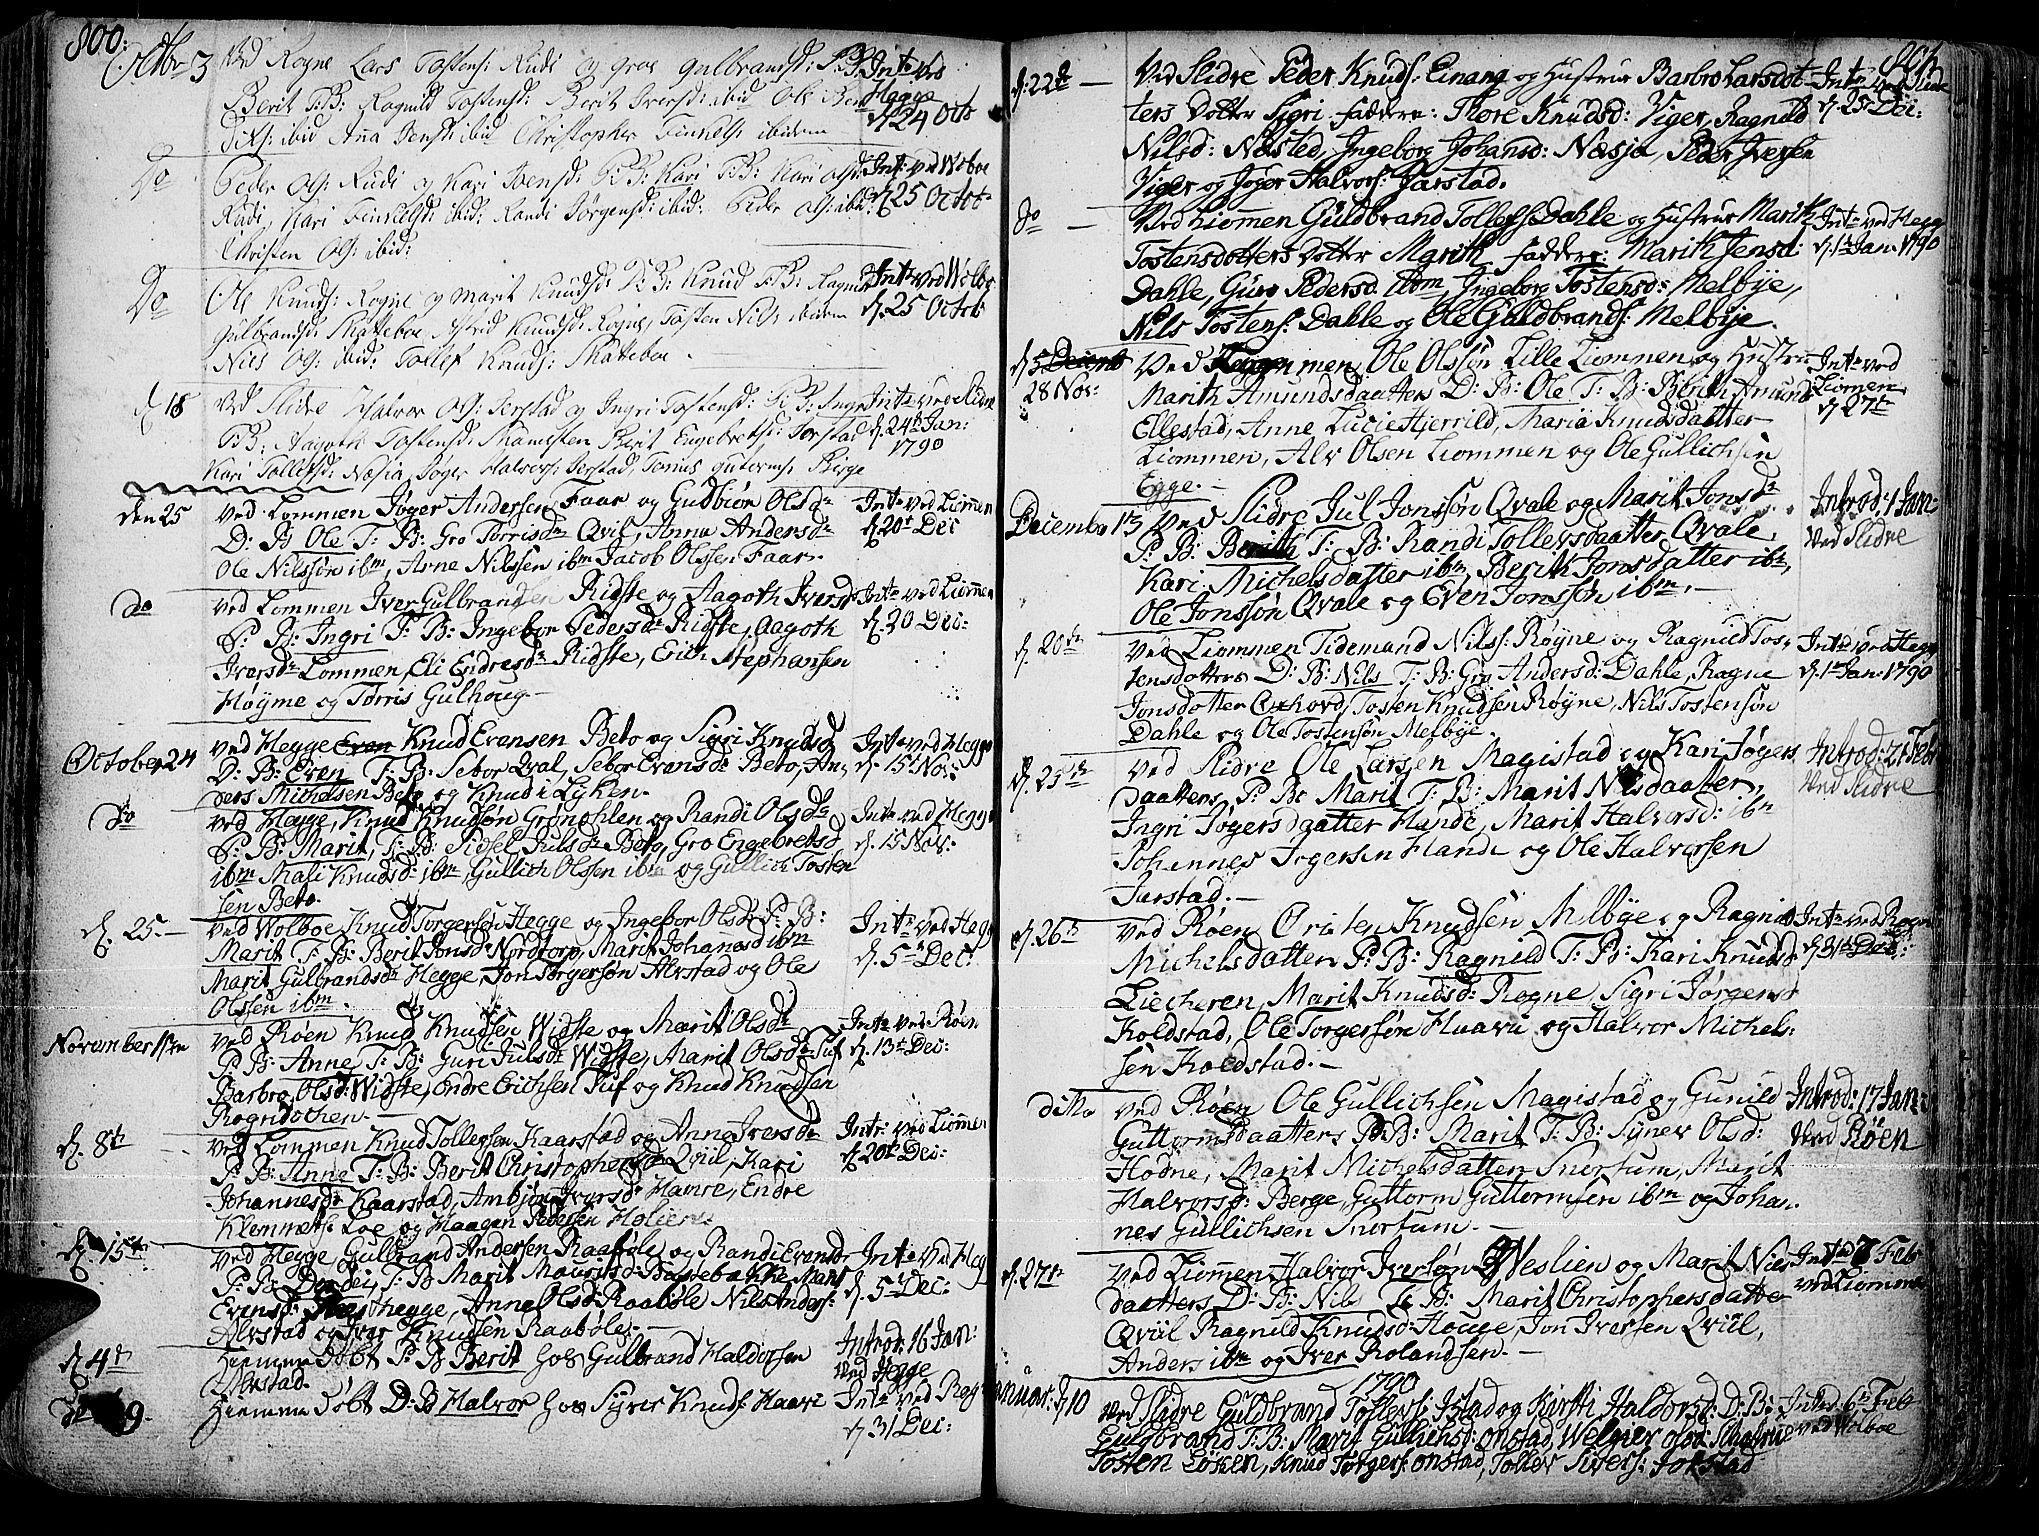 SAH, Slidre prestekontor, Ministerialbok nr. 1, 1724-1814, s. 800-801